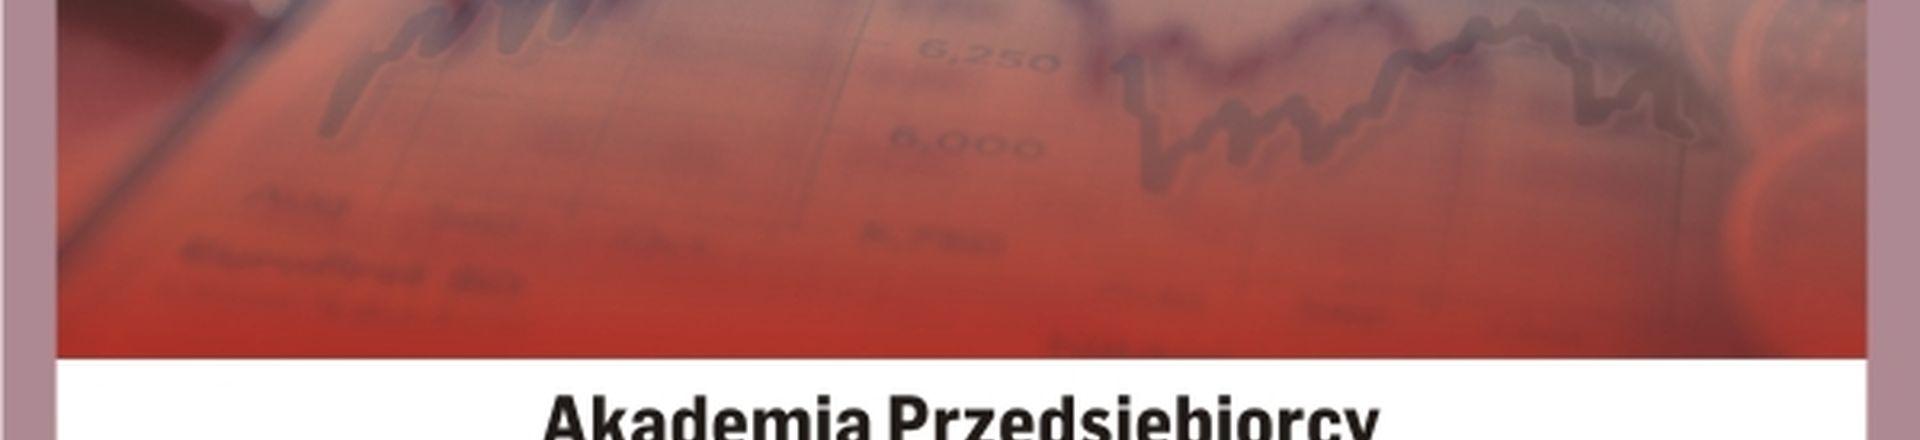 Cykl Akademia Przedsiębiorcy: Kapitał i bezpieczeństwo Twojej firmy - Wieluń